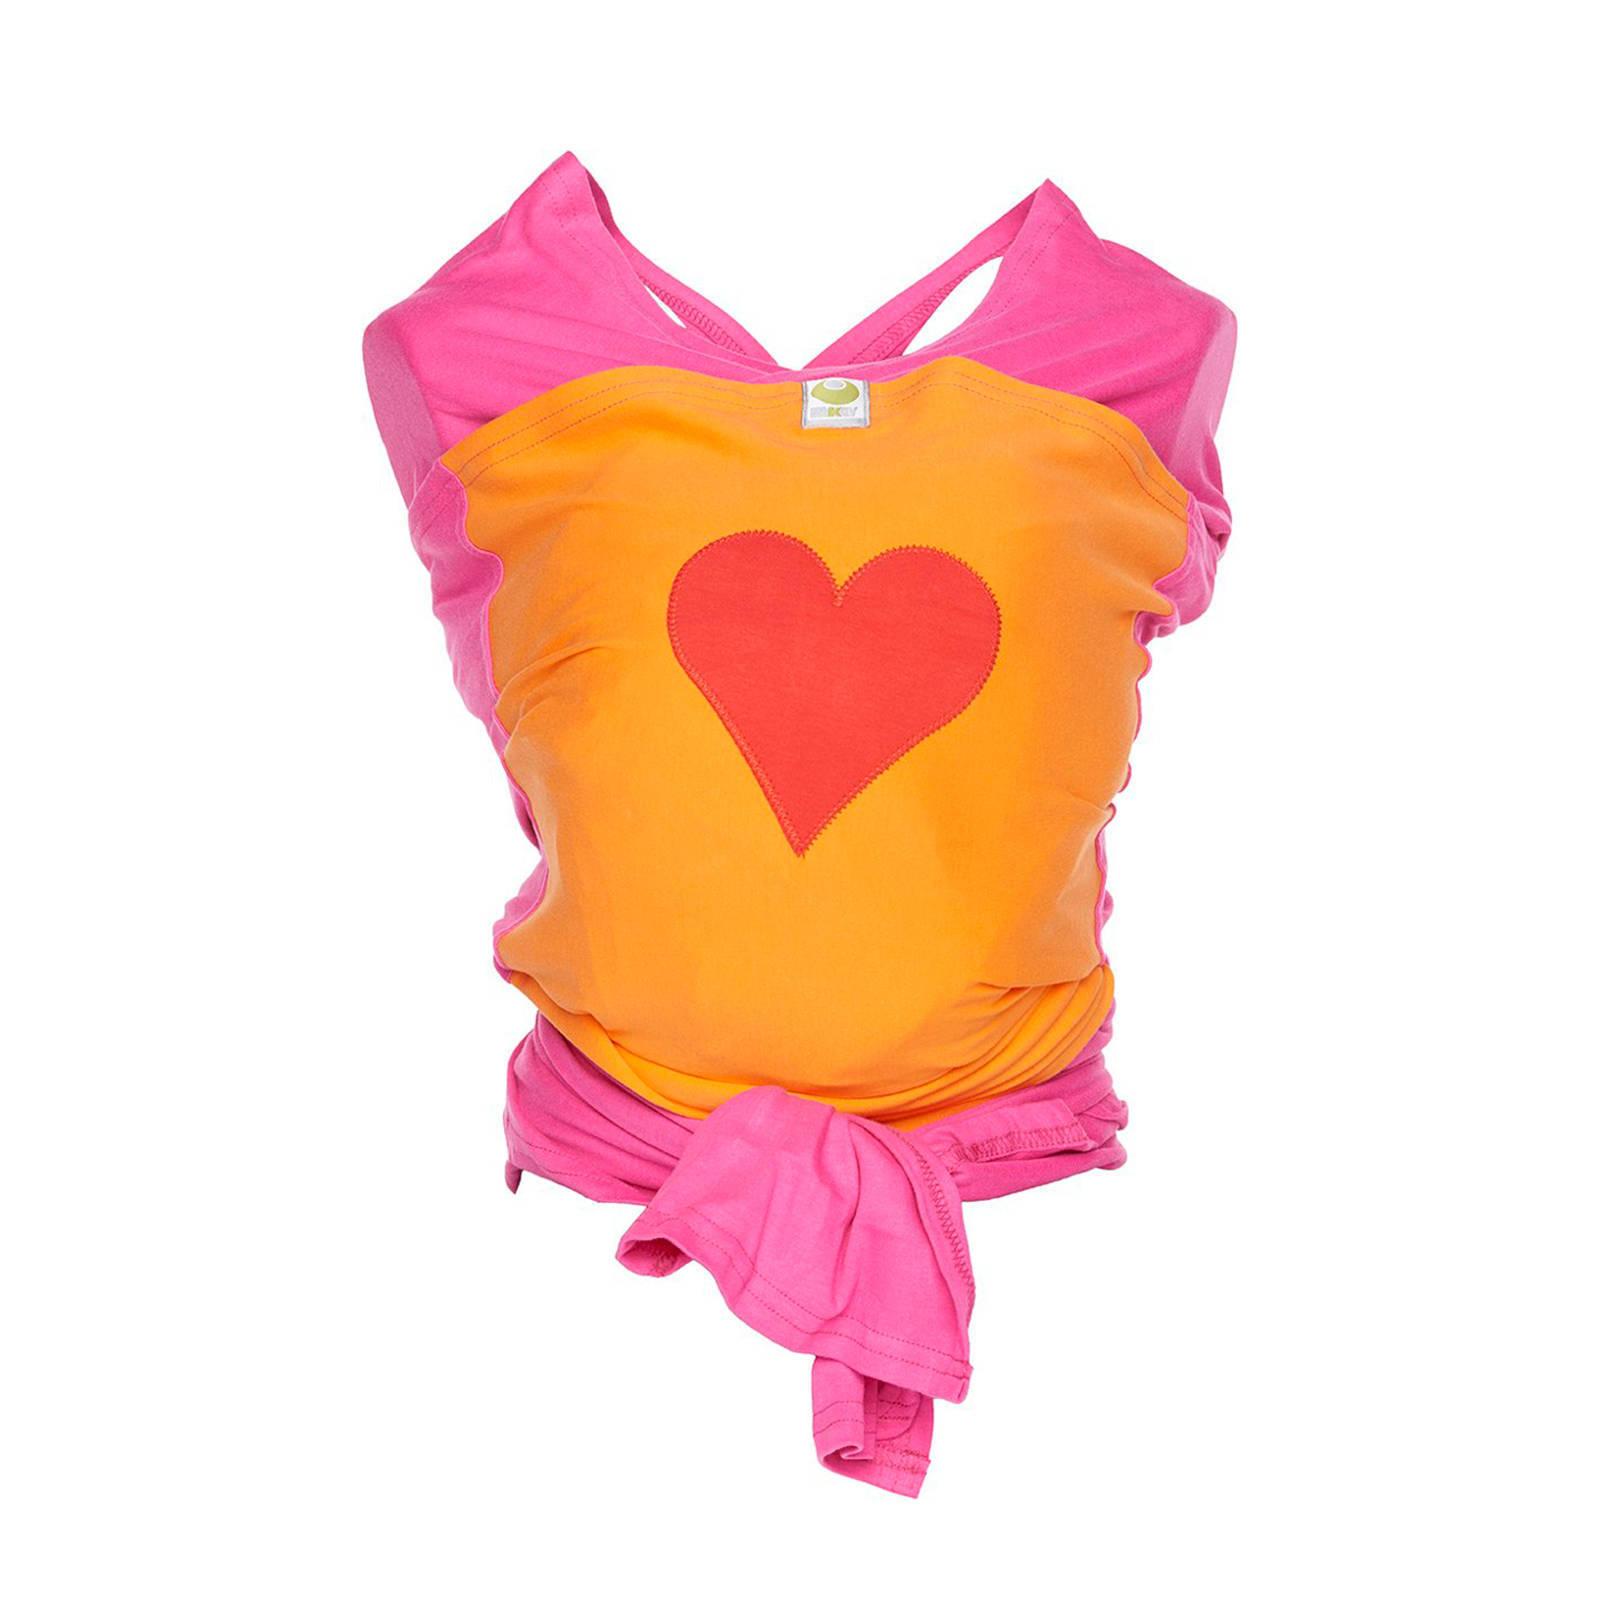 Gratis ByKay draagdoek + mutsje met hartjes bij aankoop van een ByKay draagdoek